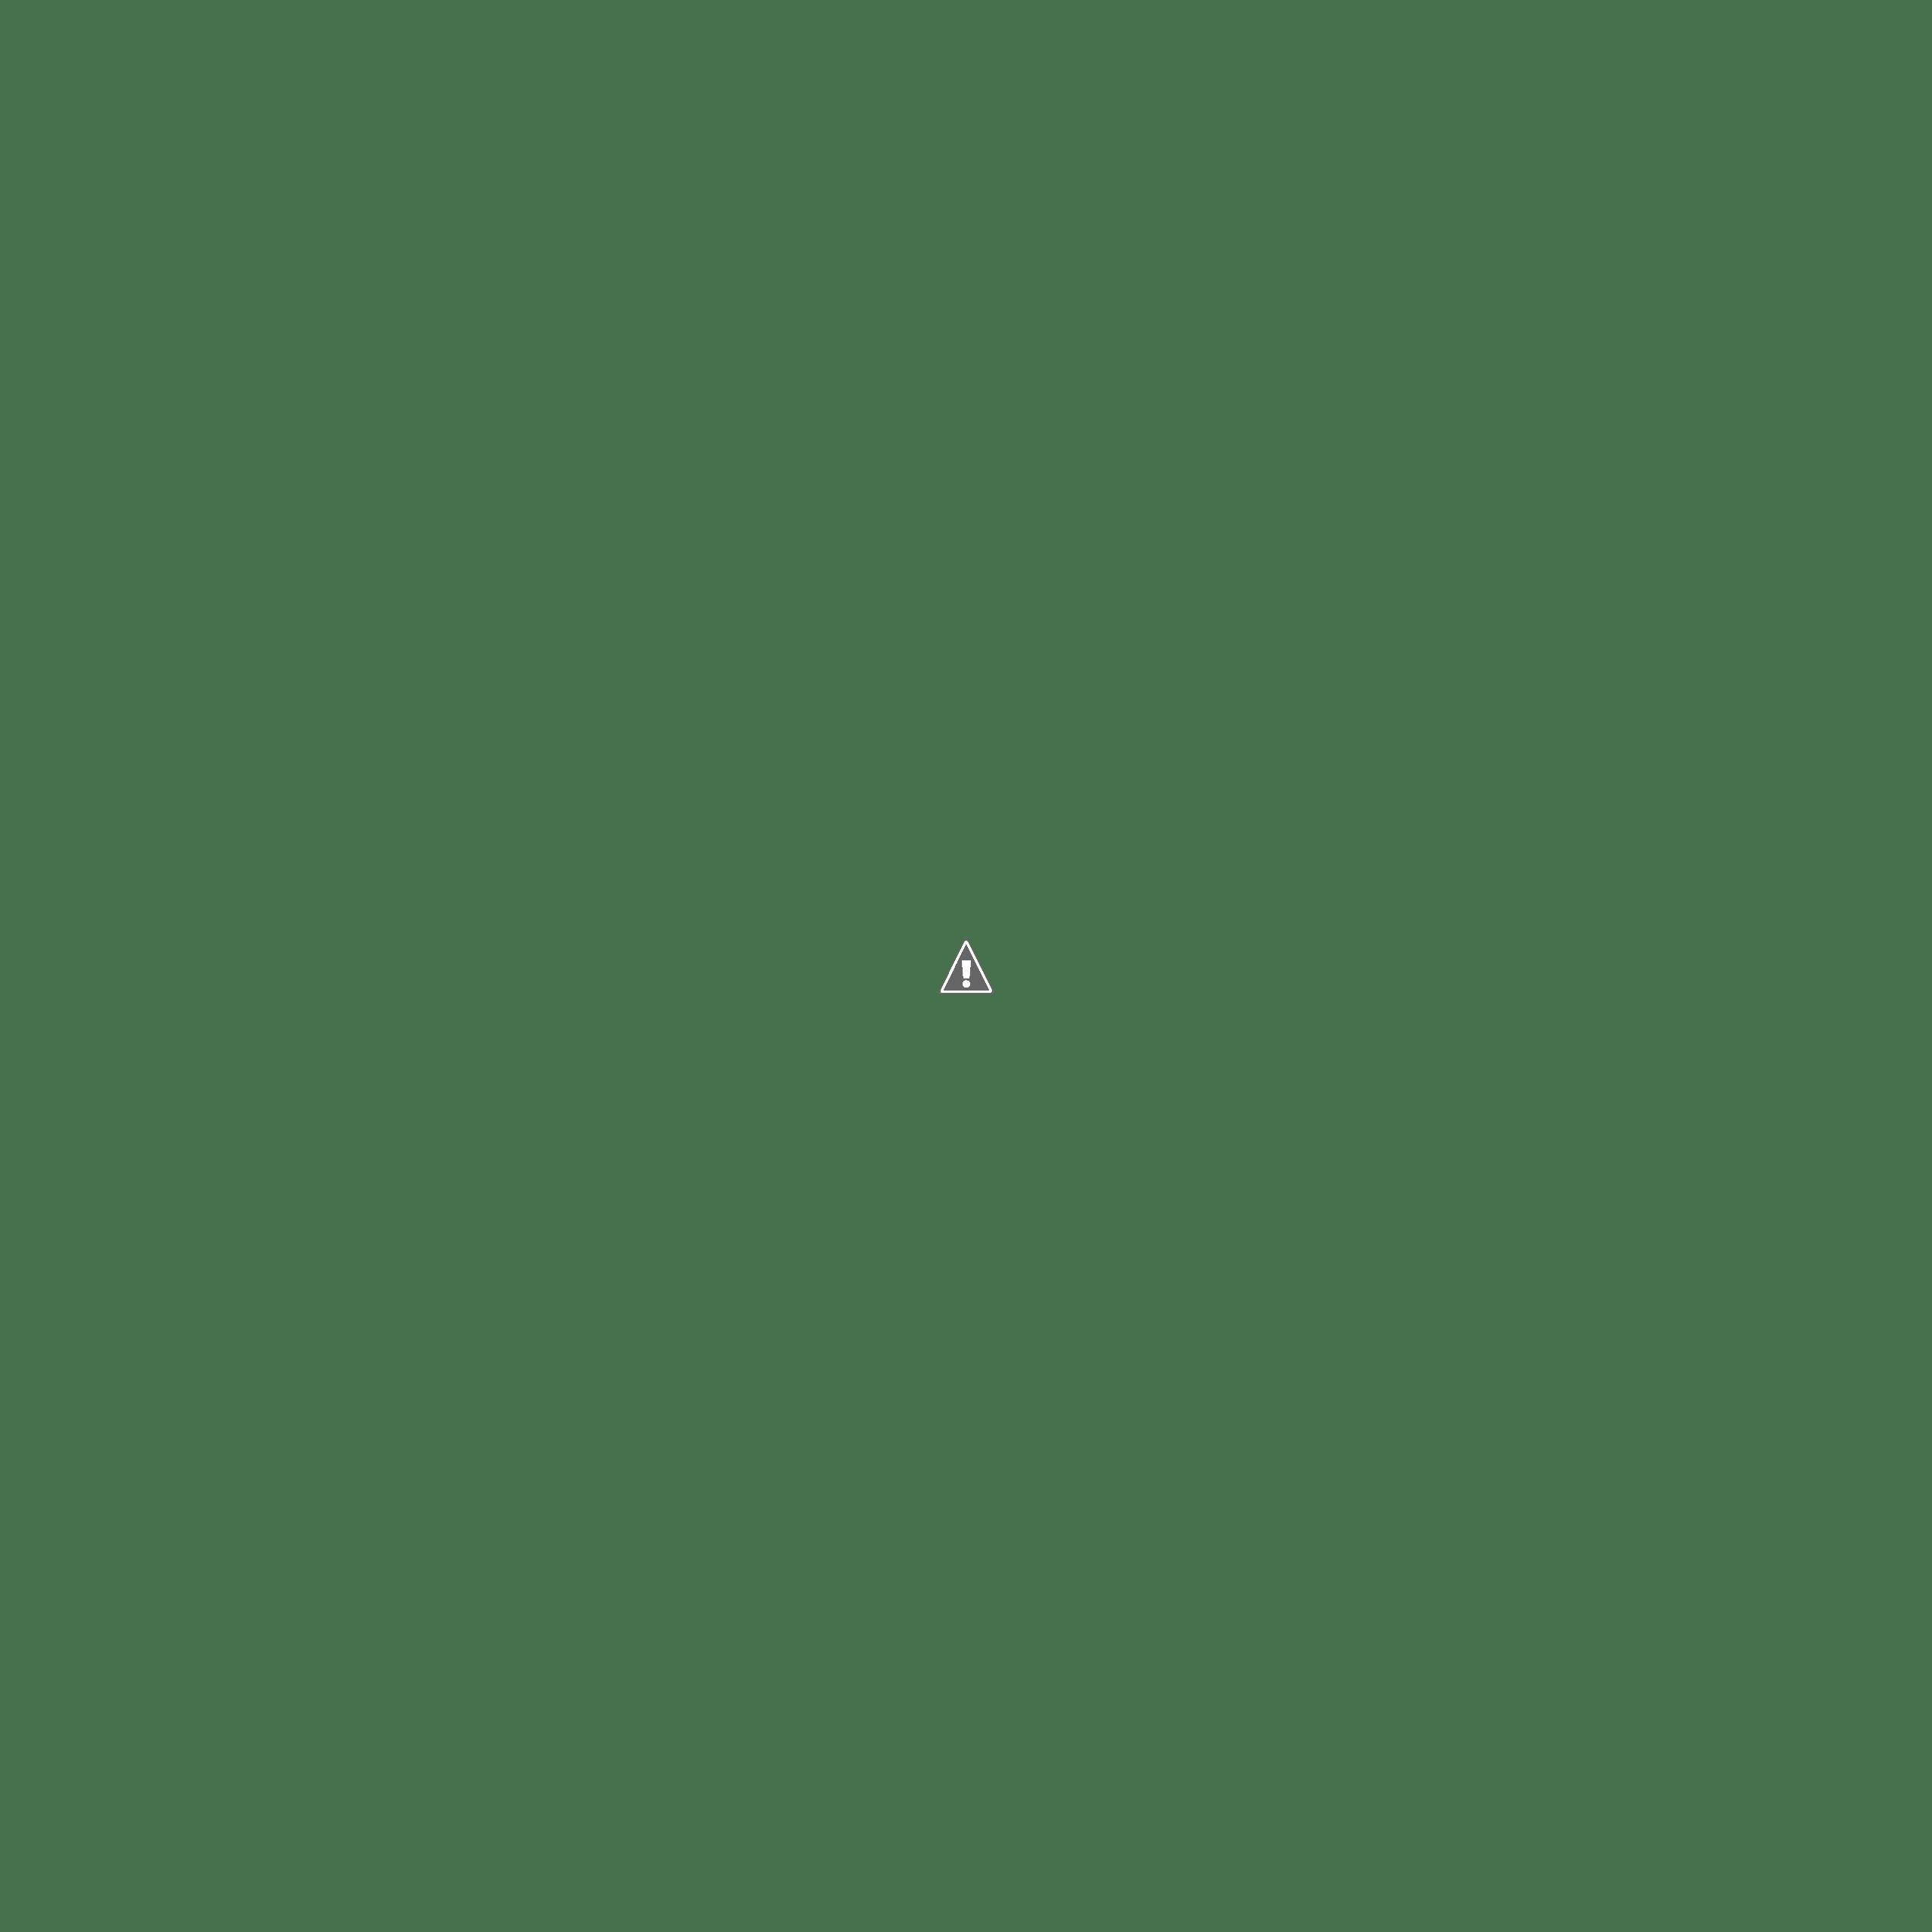 【NMB48】三田麻央応援スレッド☆18【まおきゅん】 [転載禁止]©2ch.netxvideo>1本 YouTube動画>22本 ->画像>731枚